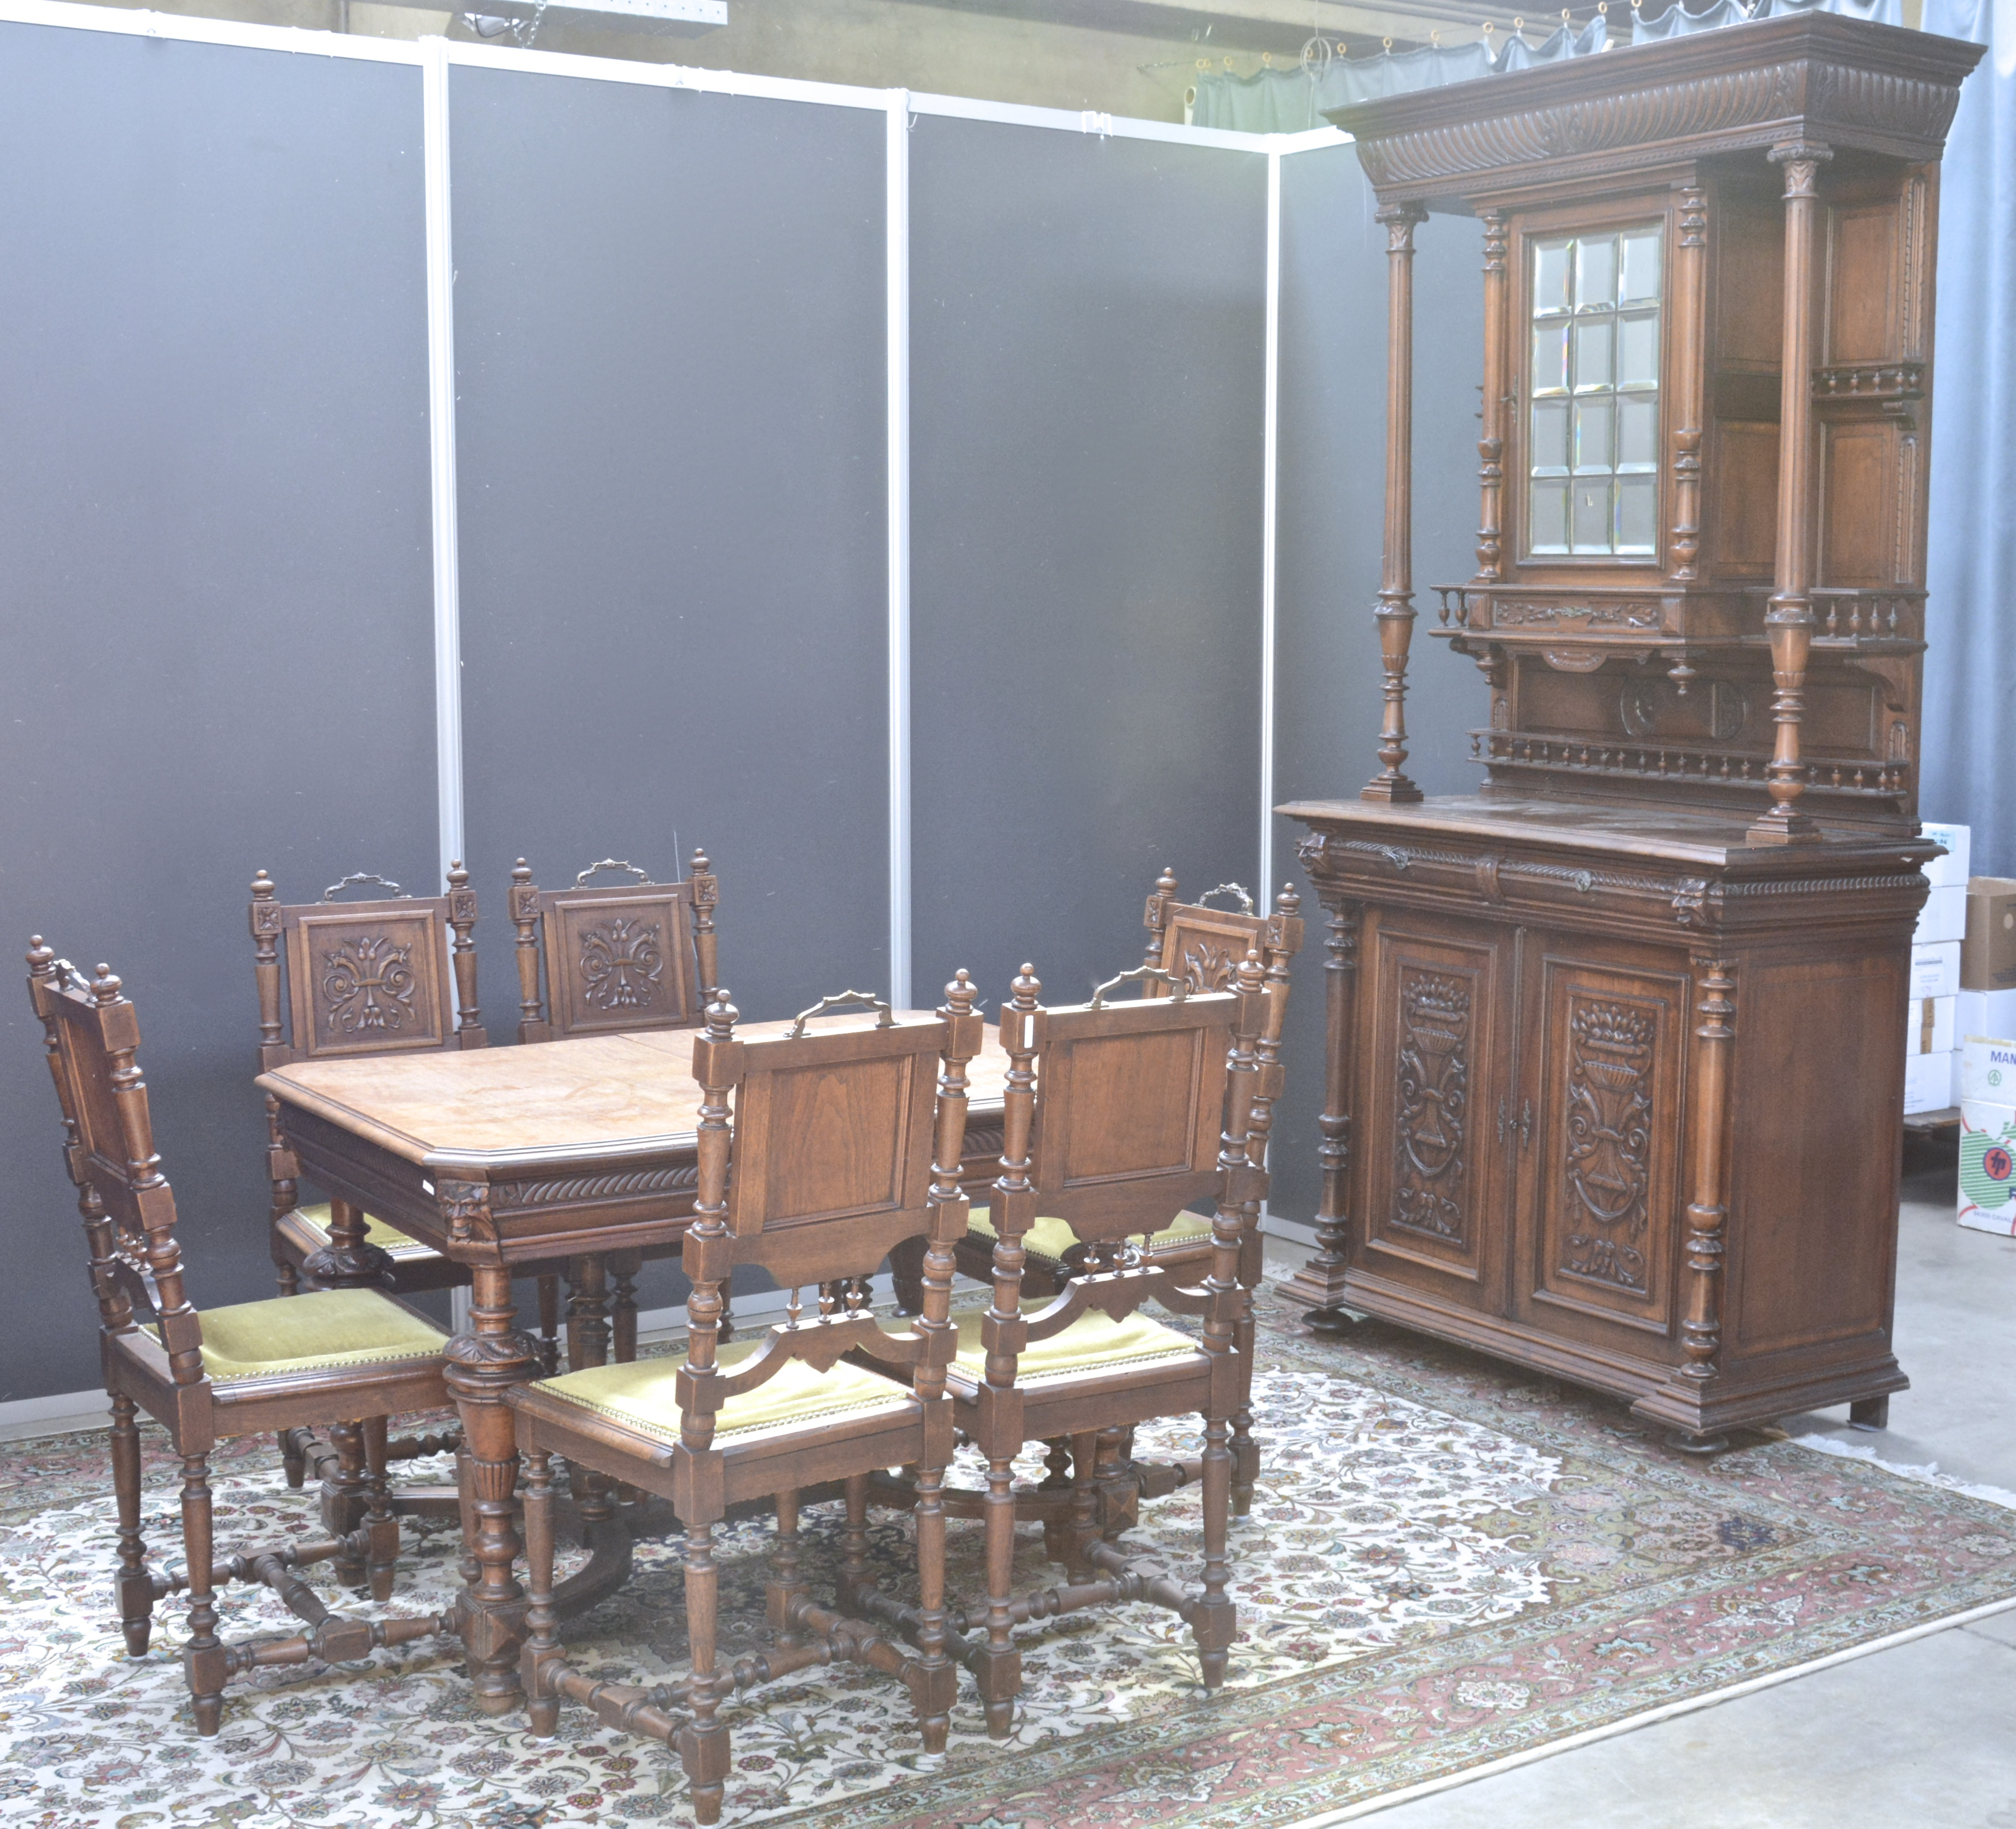 Mechelse Eetkamer Tafel.Een Eetkamer In Mechelse Renaissancestijl Bestaande Uit Een